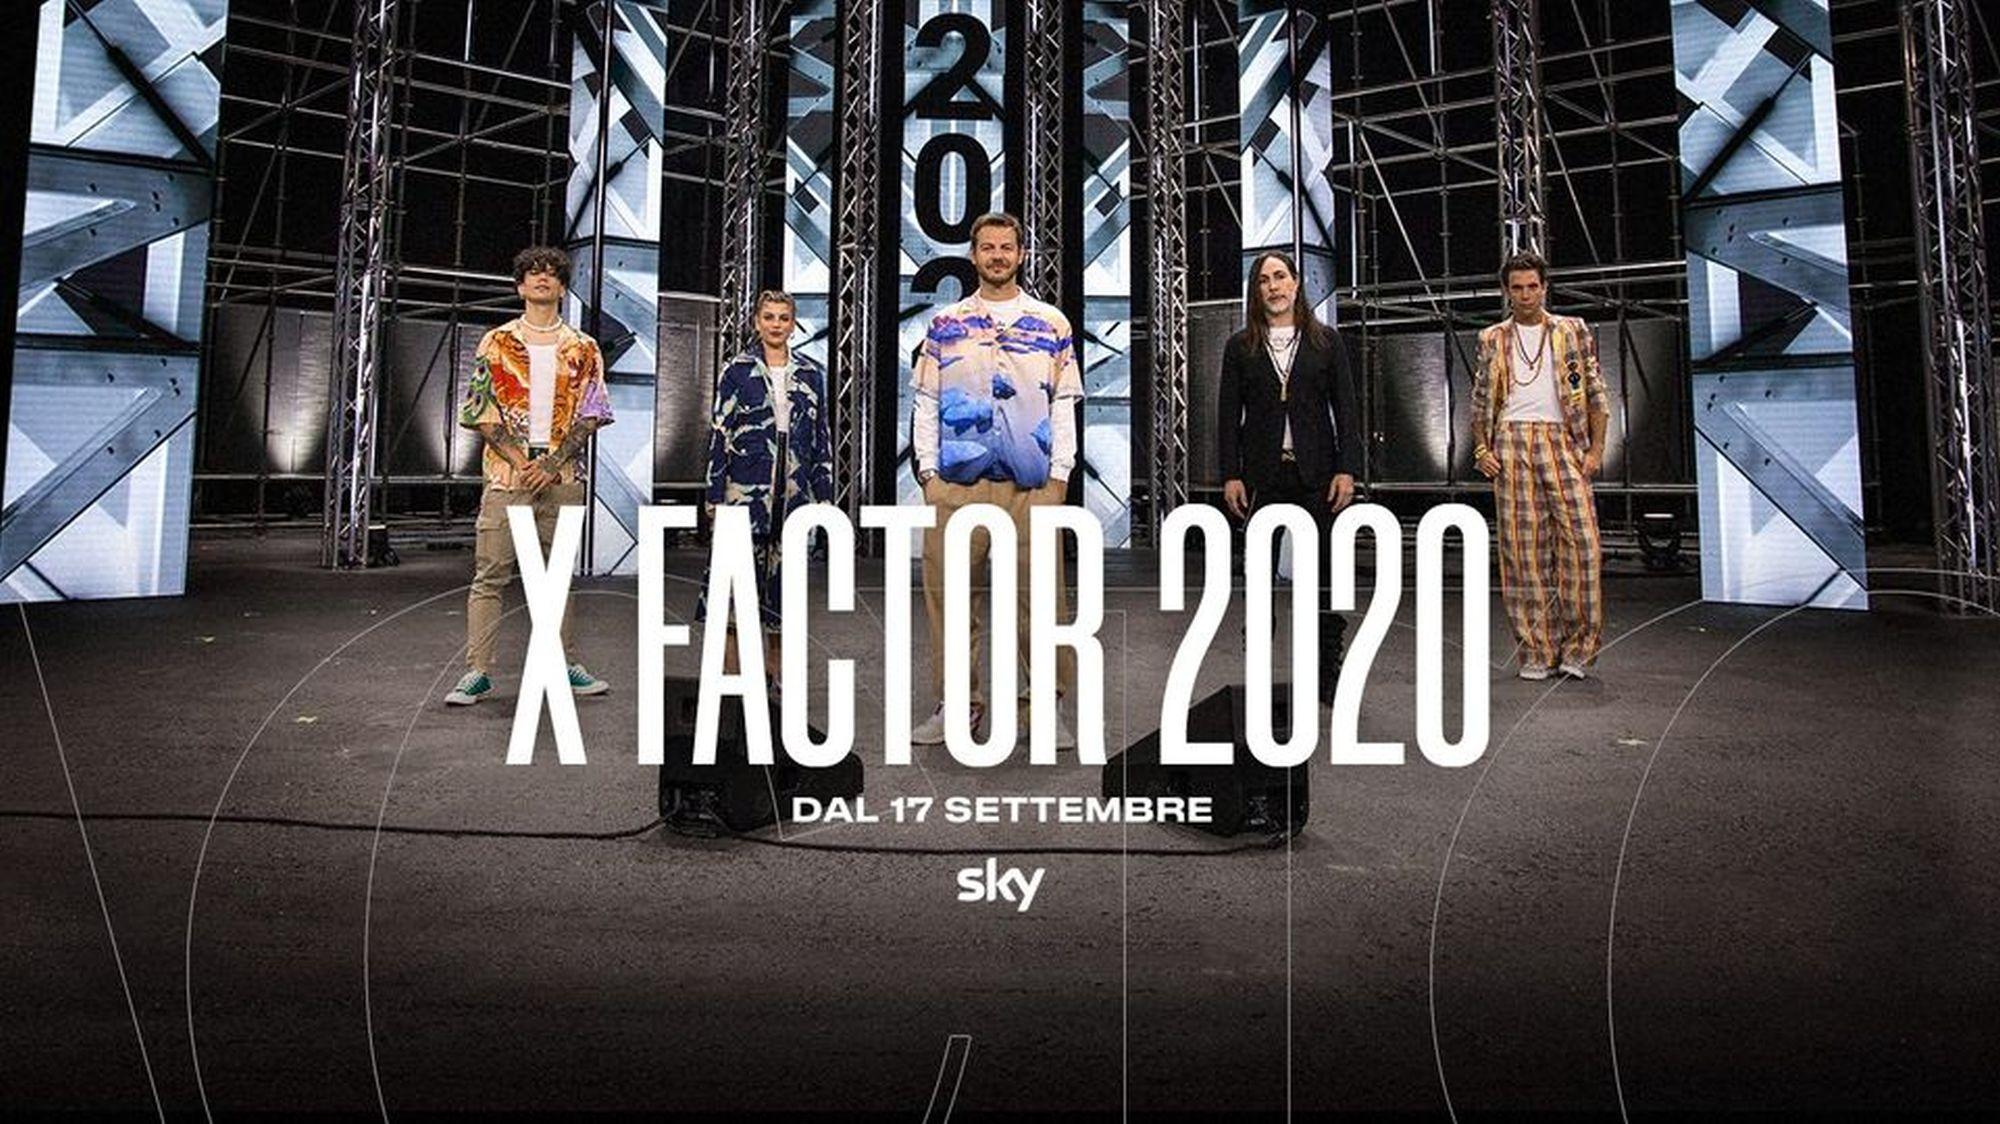 X Factor 2020: giudici e possibili vincitori, tutte le pagelle